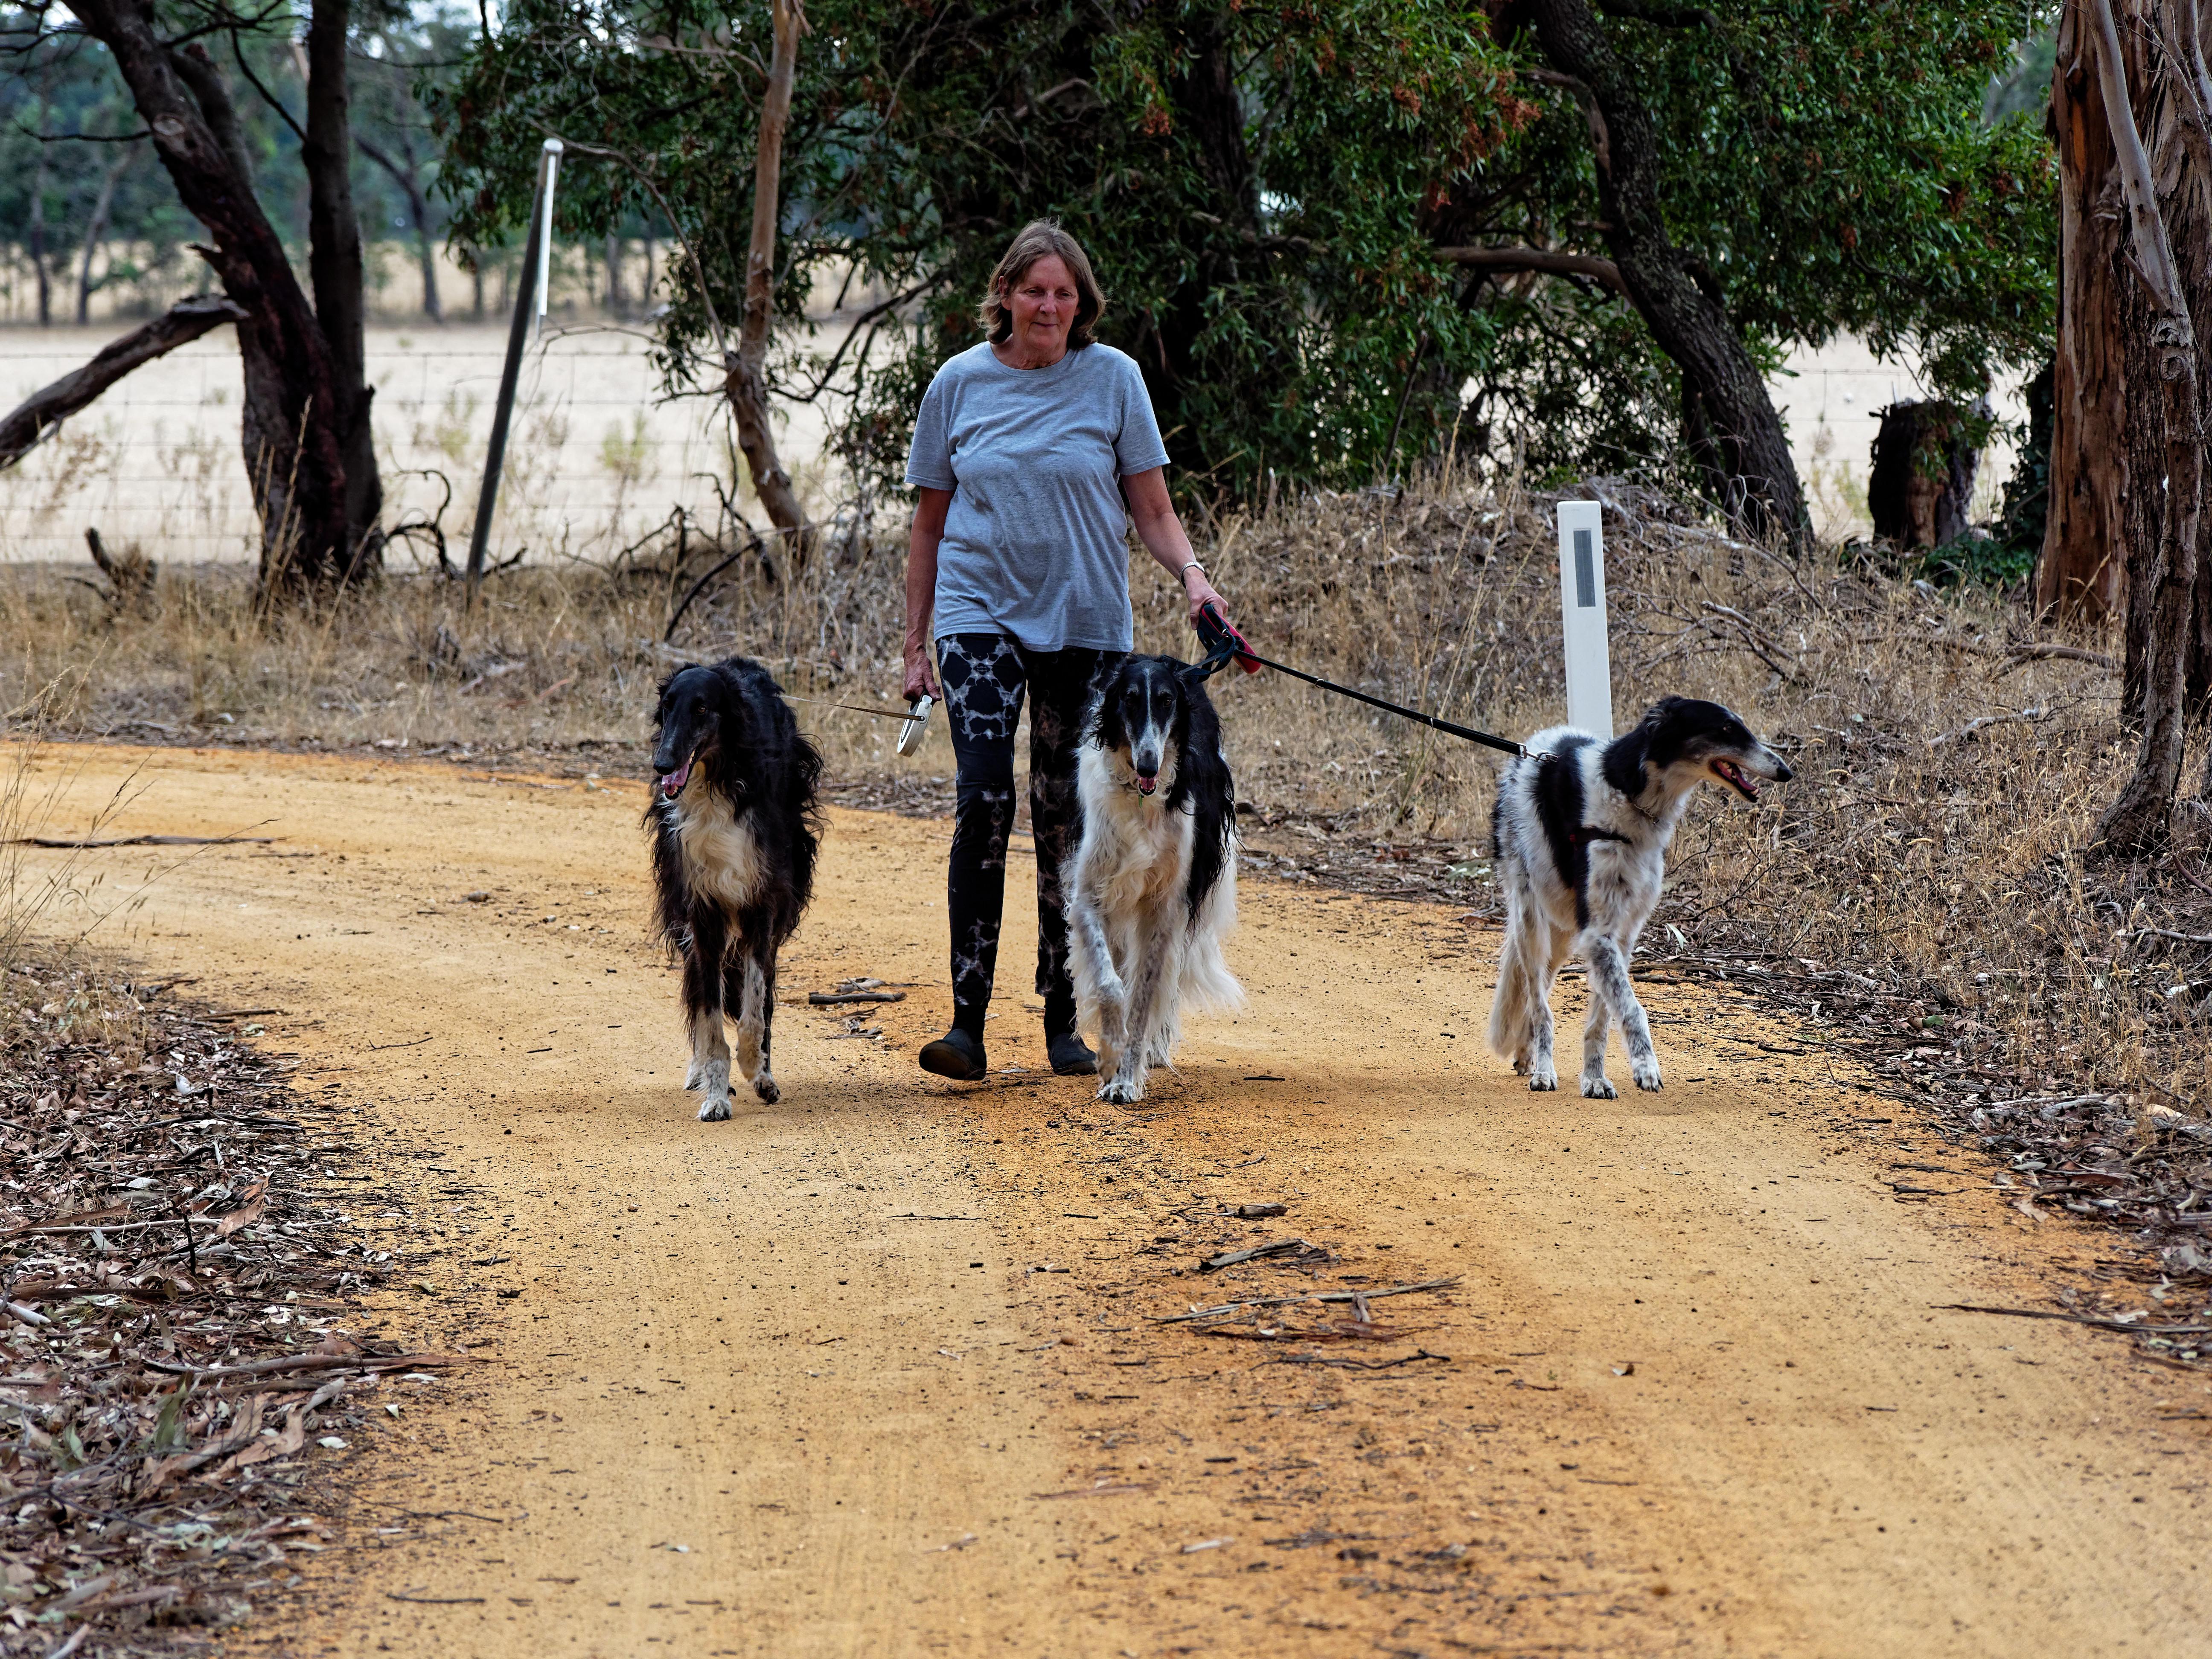 Walking-dogs-20.jpeg